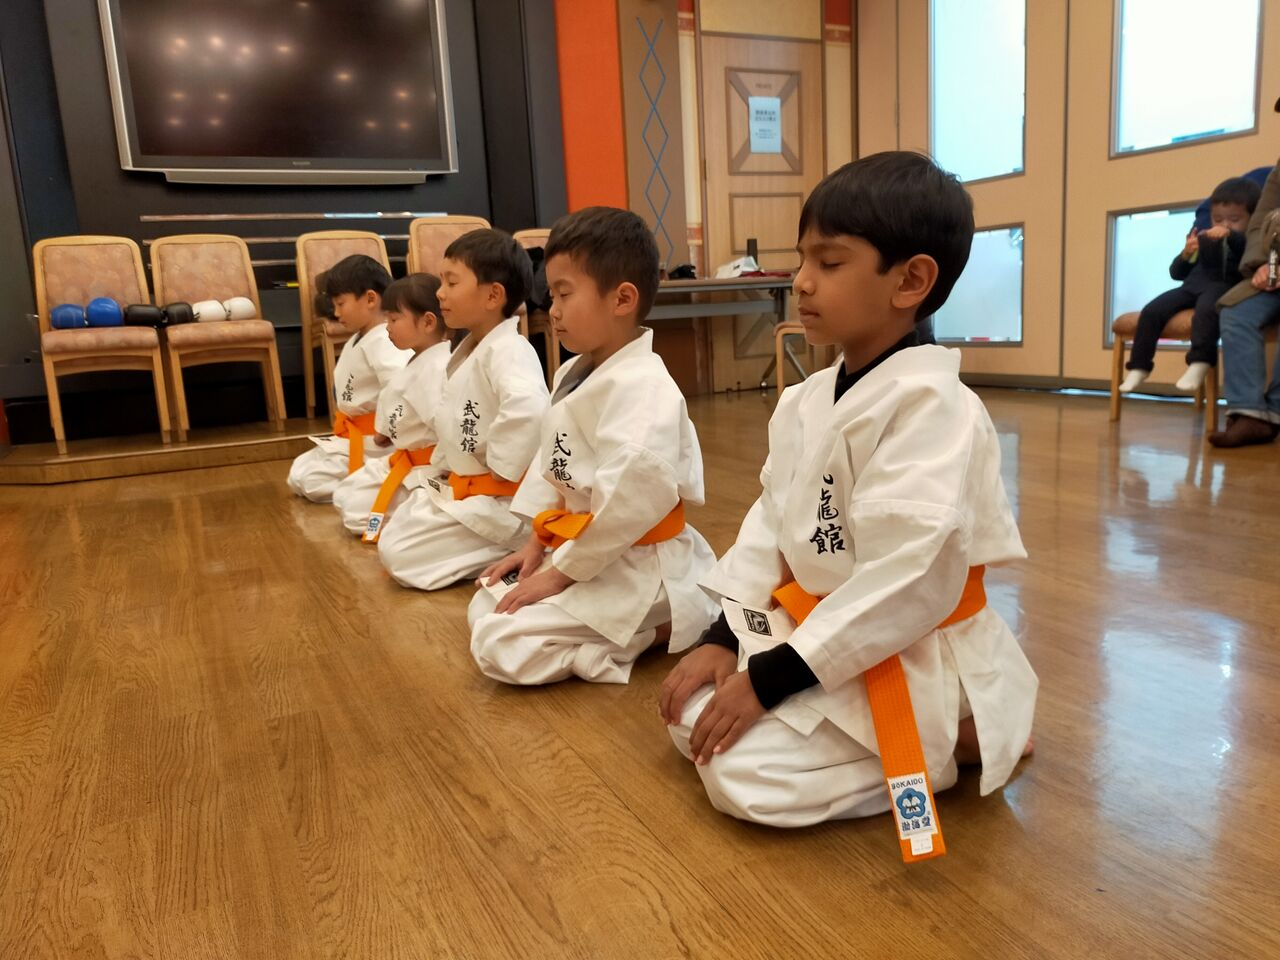 空手 コロナ 札幌 教室